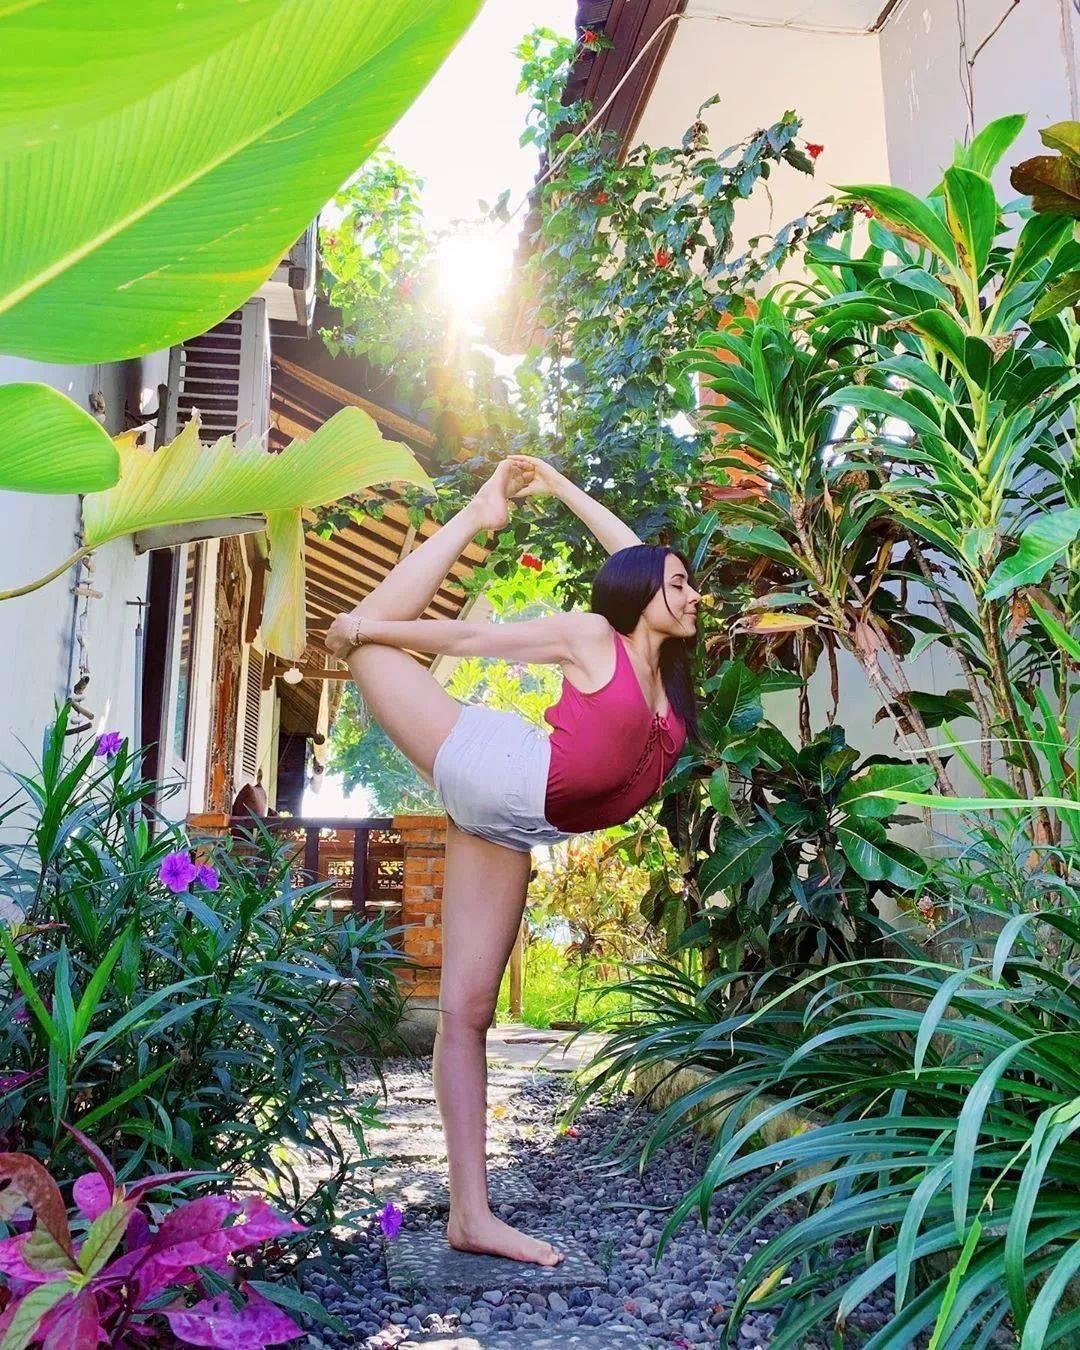 练瑜伽的女人竟然这么好,你是吗?